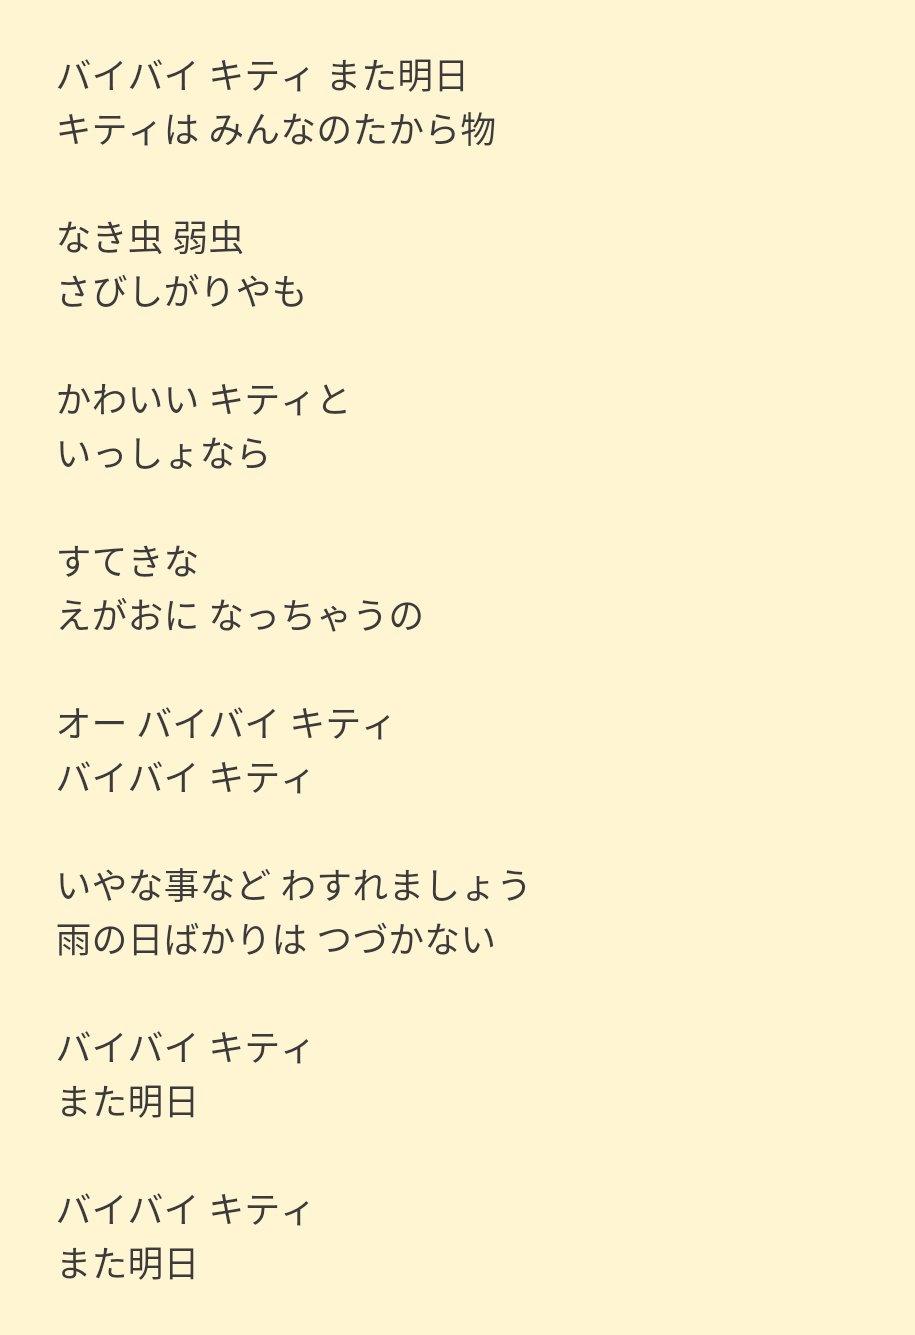 歌詞 キティ ちゃん ポップコーン ハローキティ 歌詞「林原めぐみ」ふりがな付|歌詞検索サイト【UtaTen】